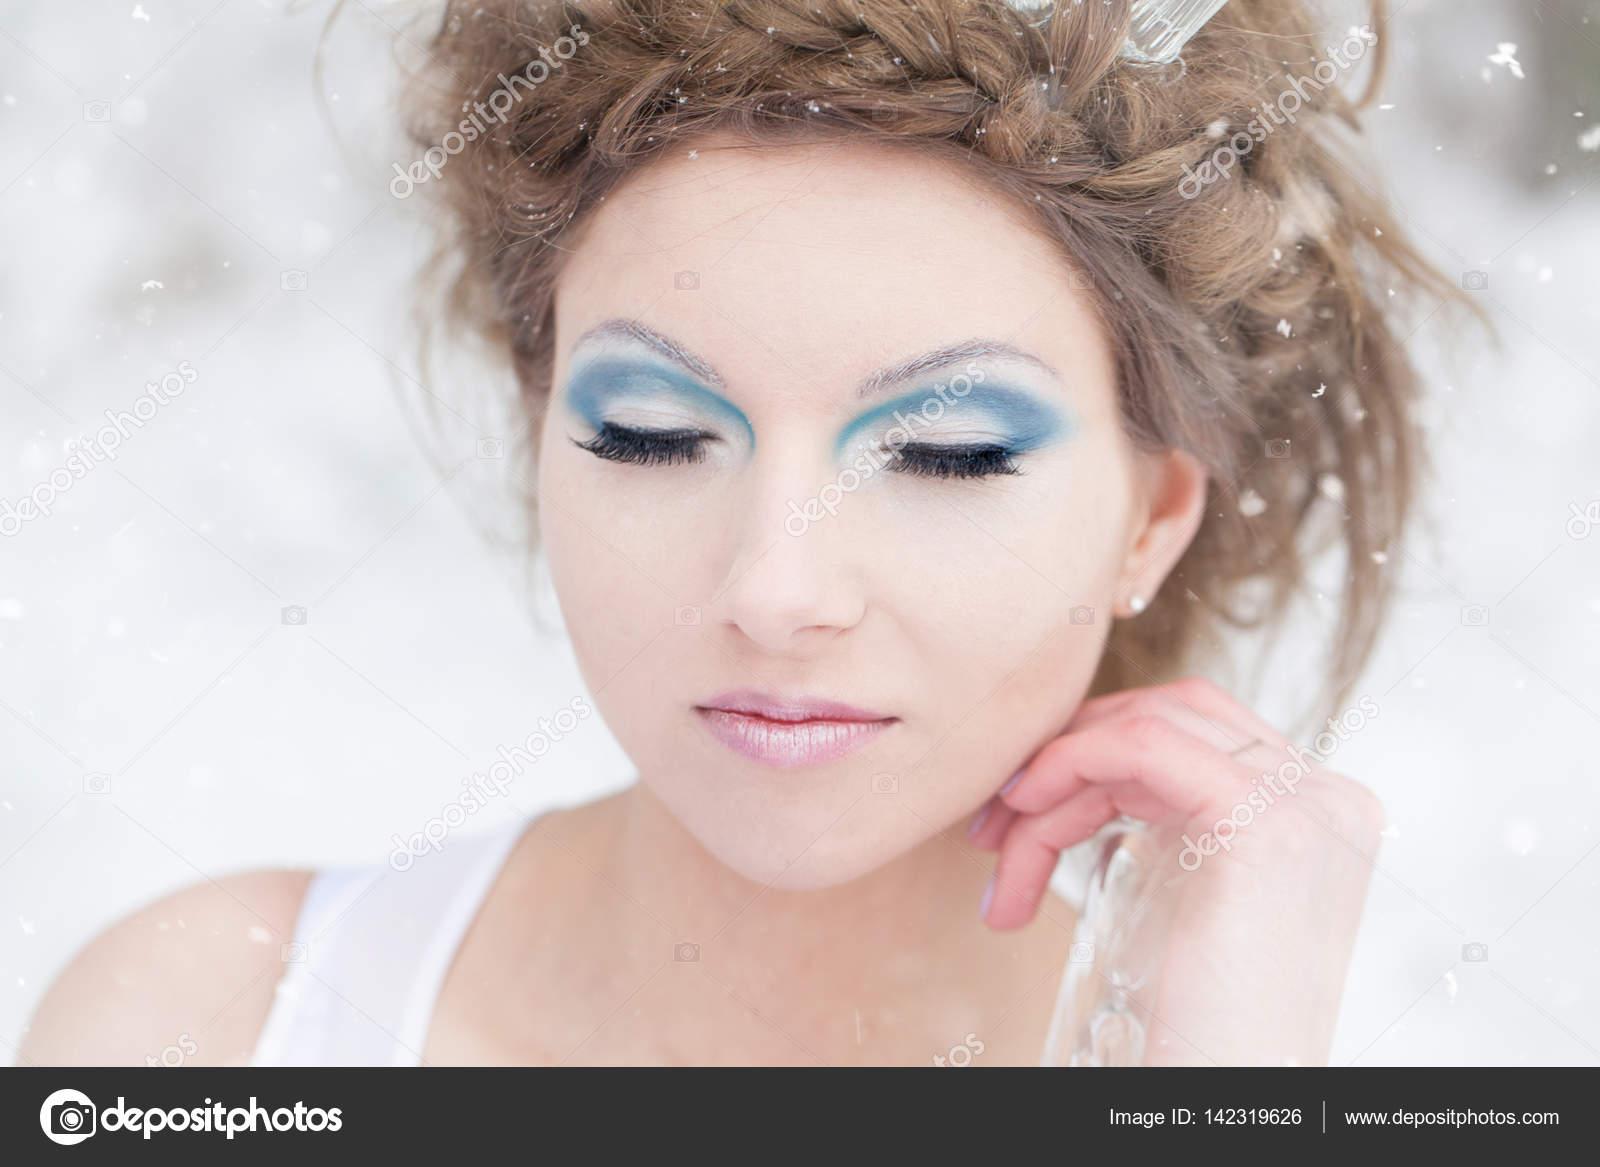 Hiver Femme La Reine Des Neiges Photographie Bluehorsepl